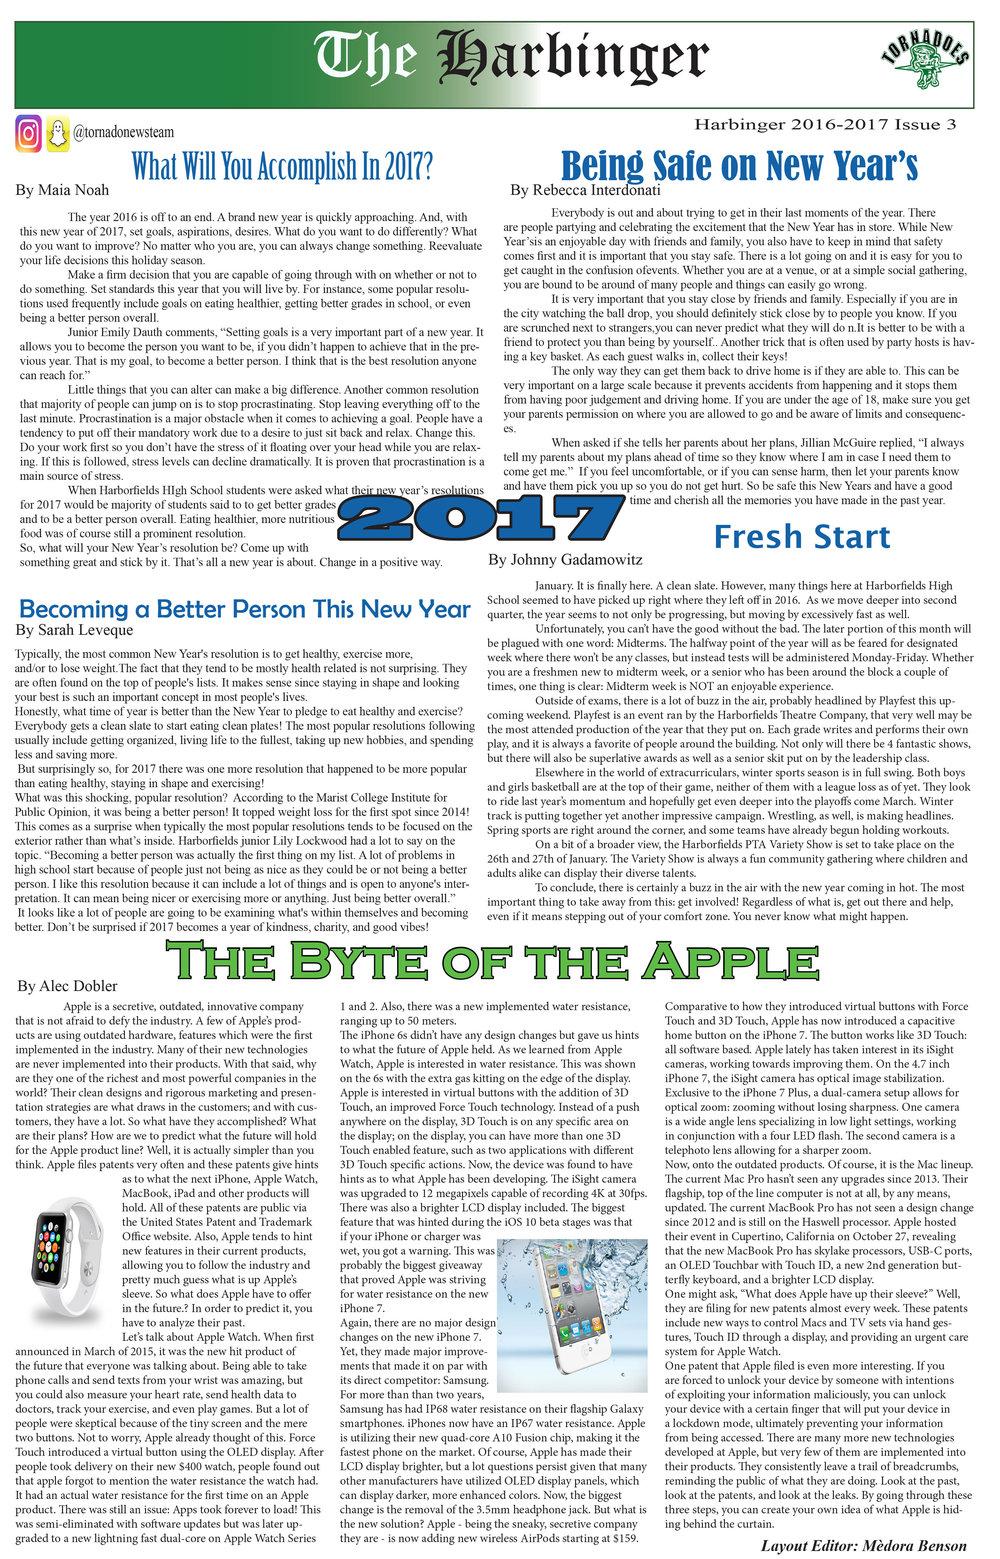 The Harbinger_2016-17_Issue 3-1.jpg